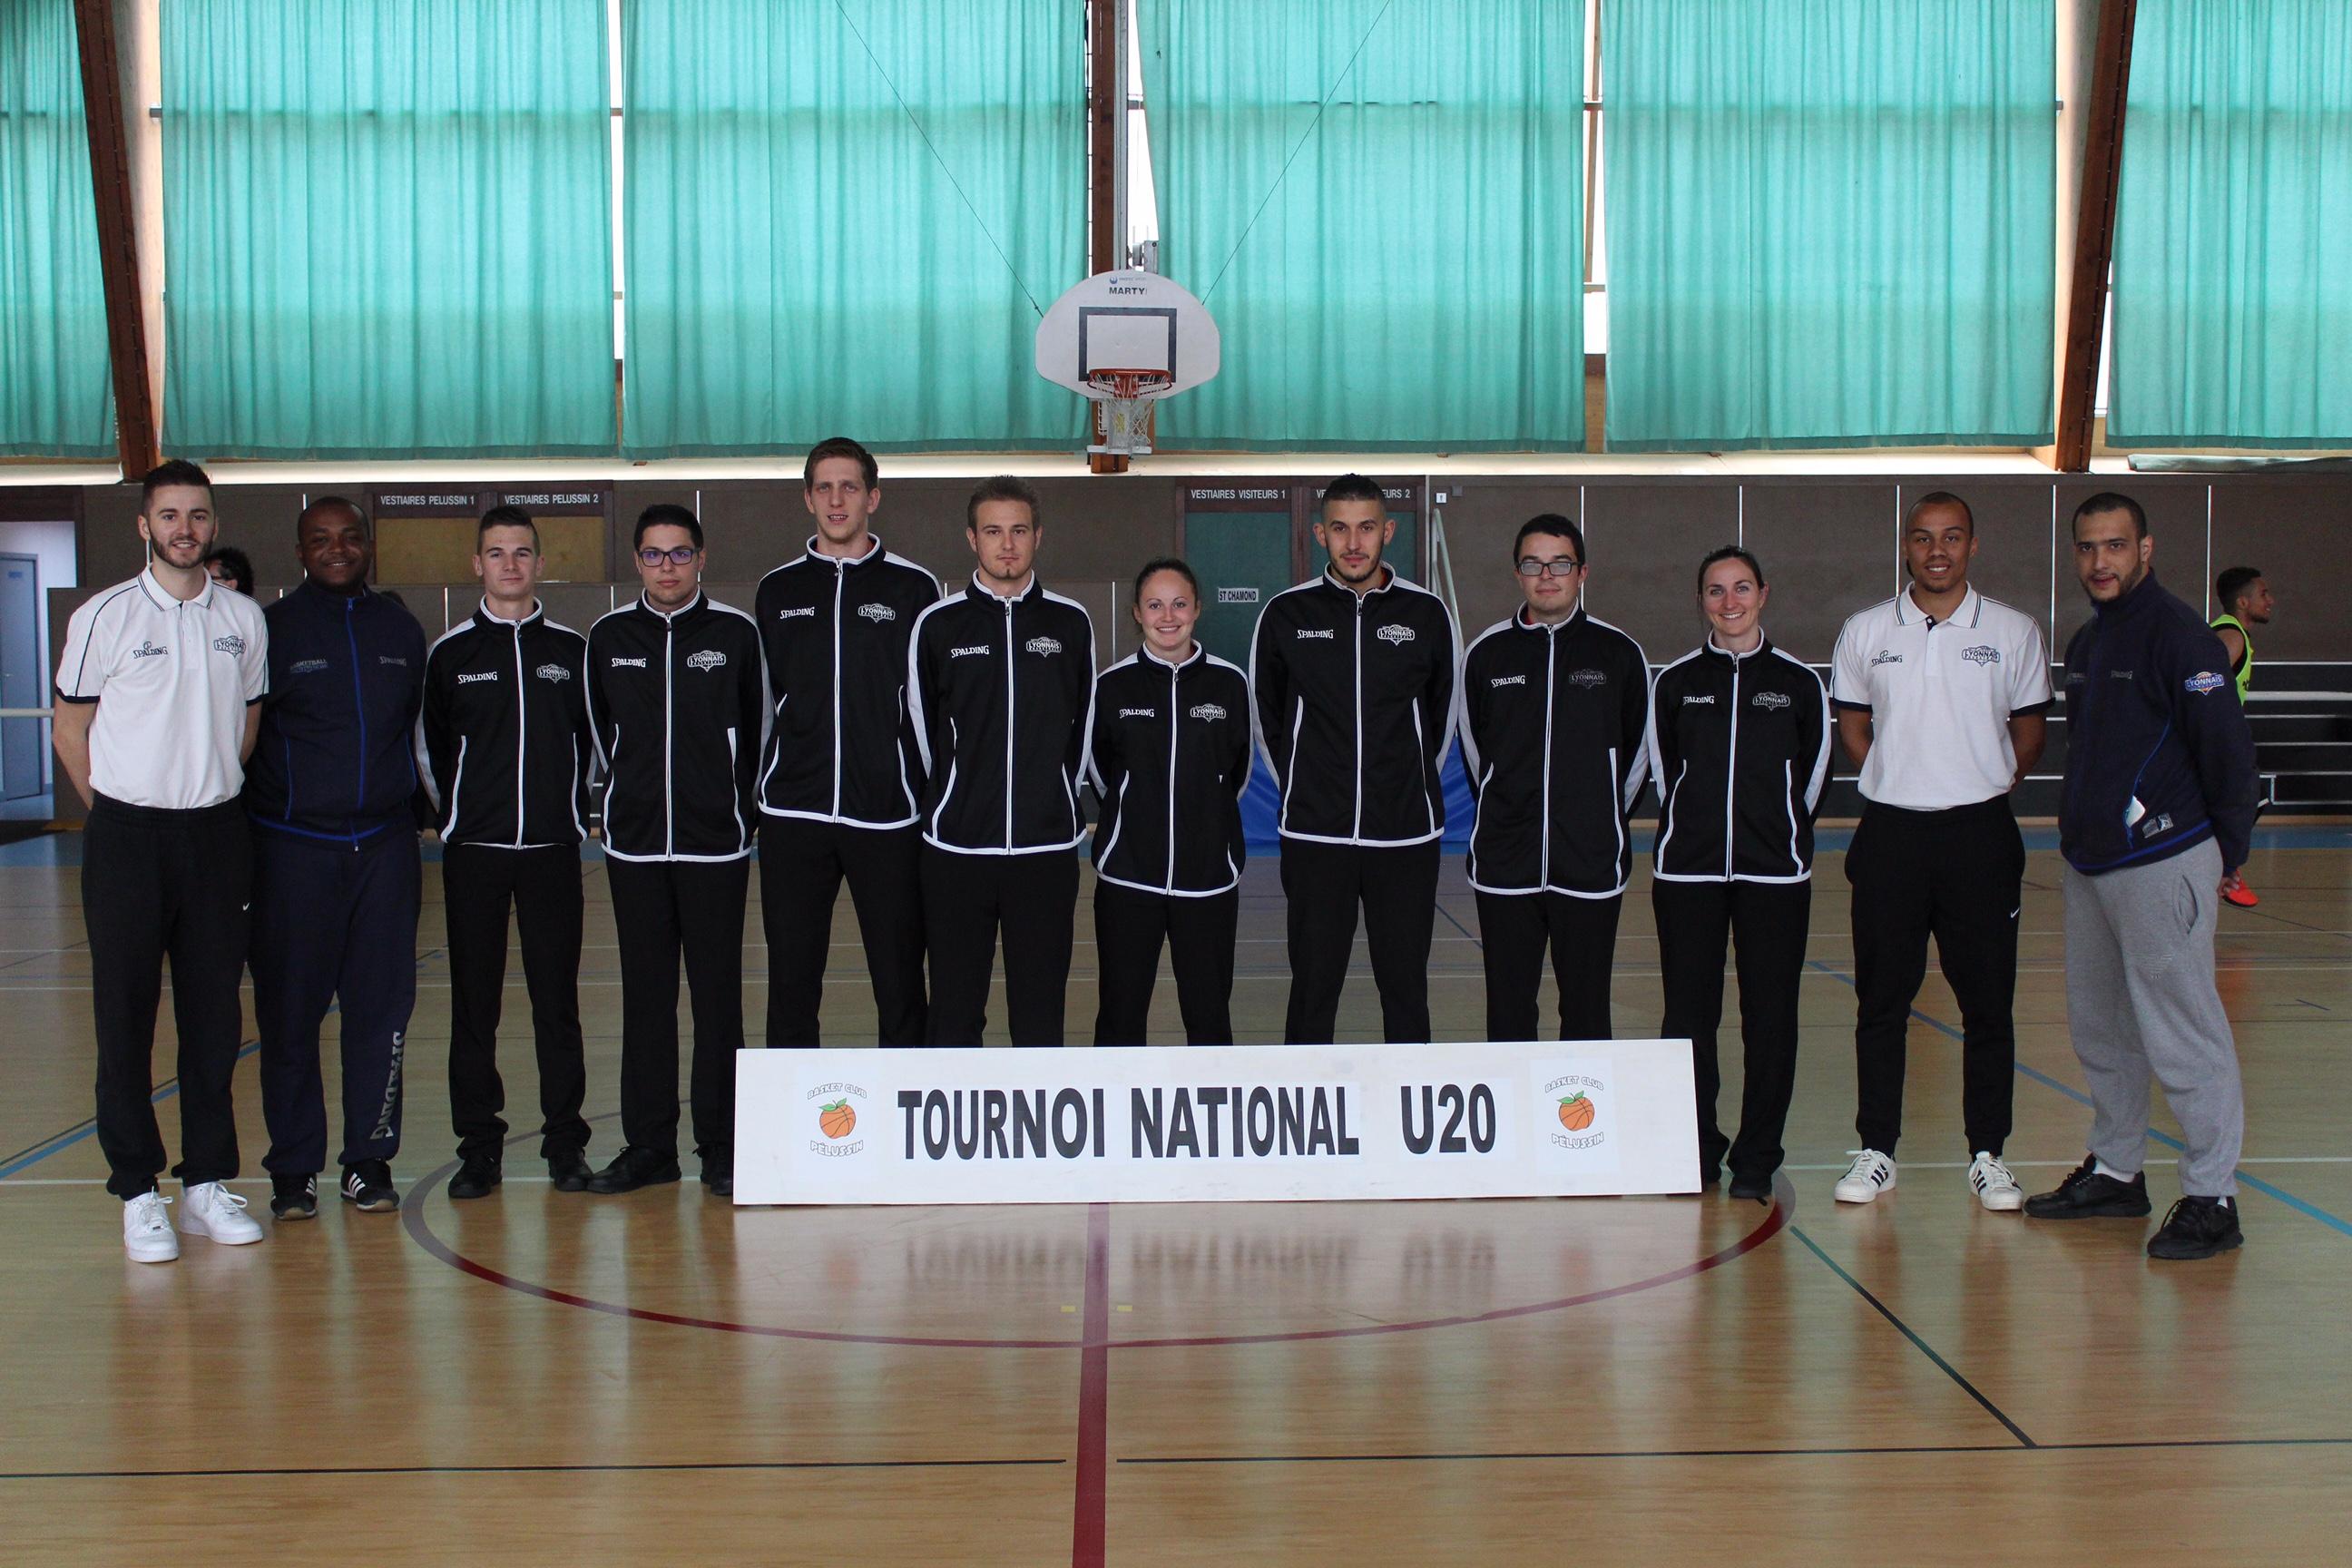 tournoi-pelussin-2016-stage-arbitres